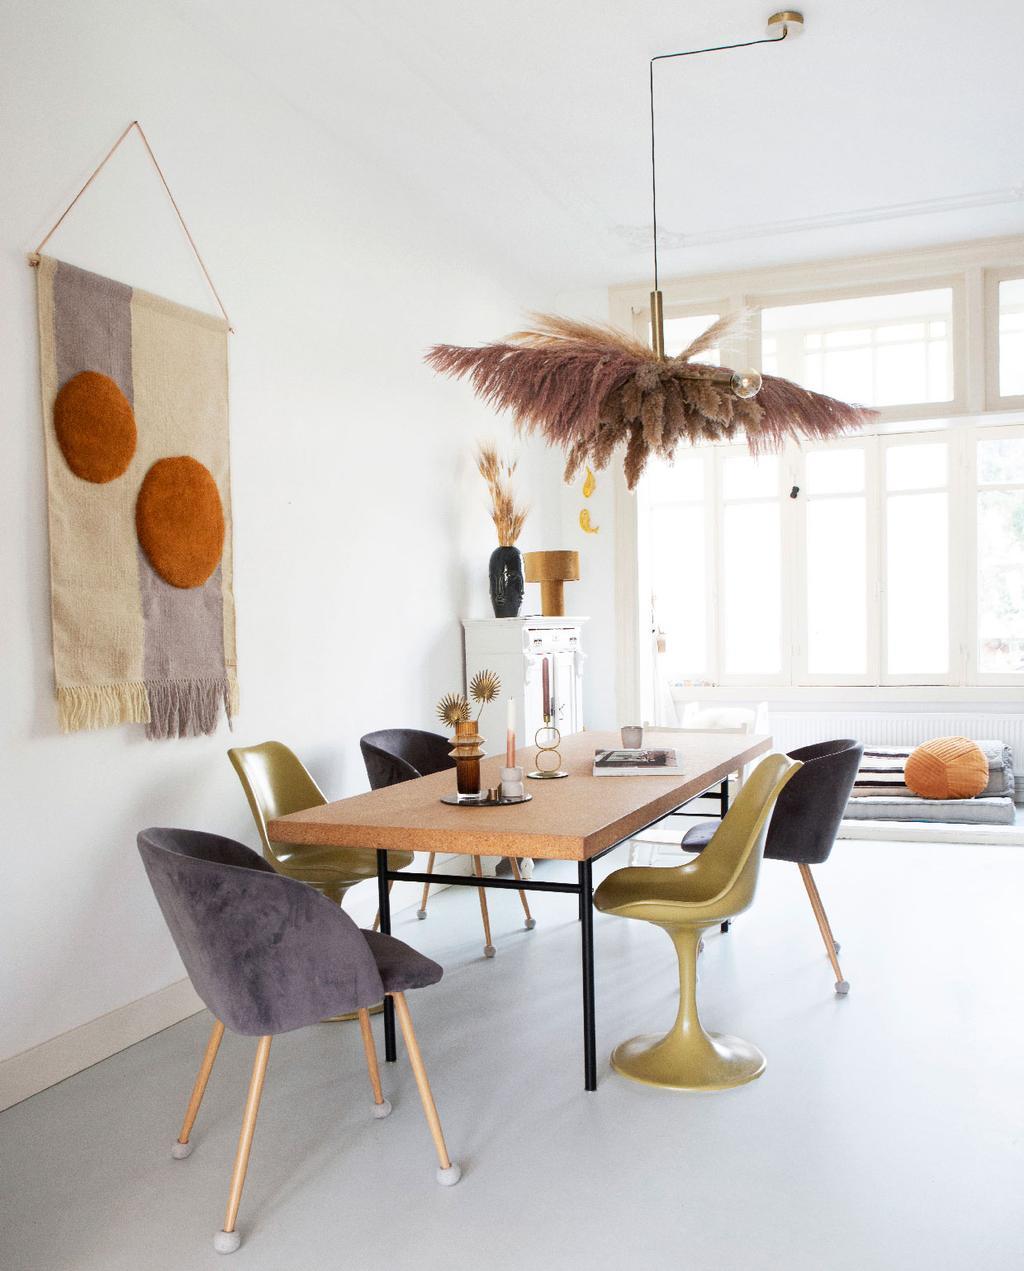 vtwonen 05-2020 | binnenkijken in een klassiek pand in amsterdam eettafel van kurk en wandkleed met stippen